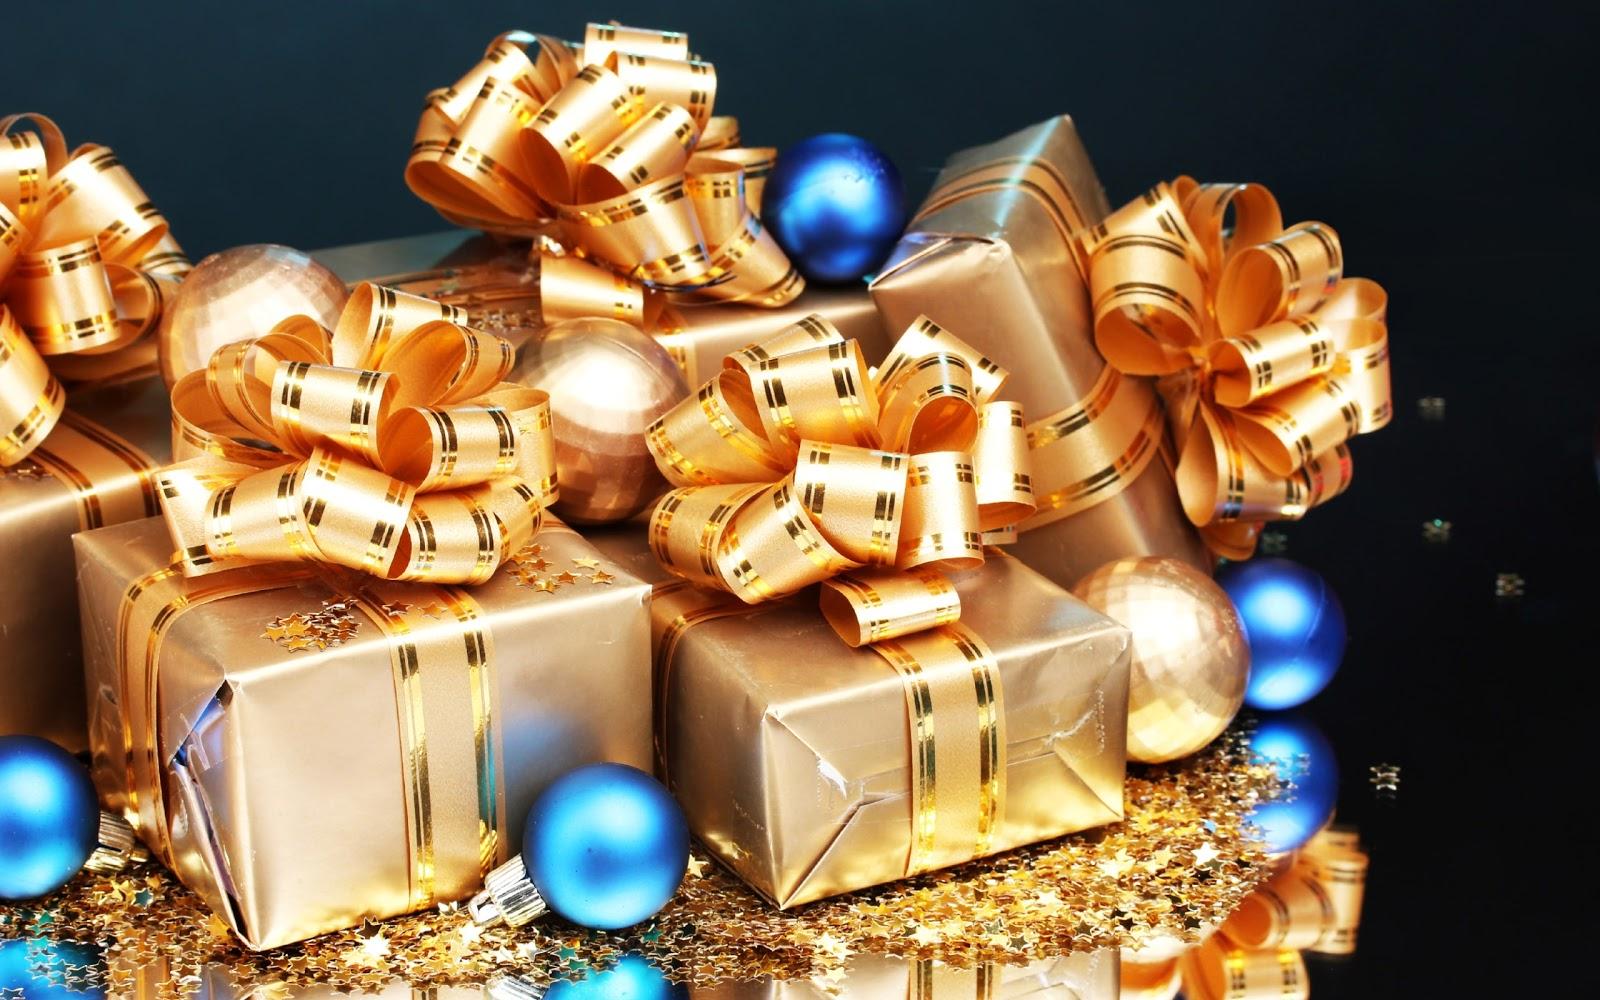 nastro oro, fiocchi, regali, pacchi